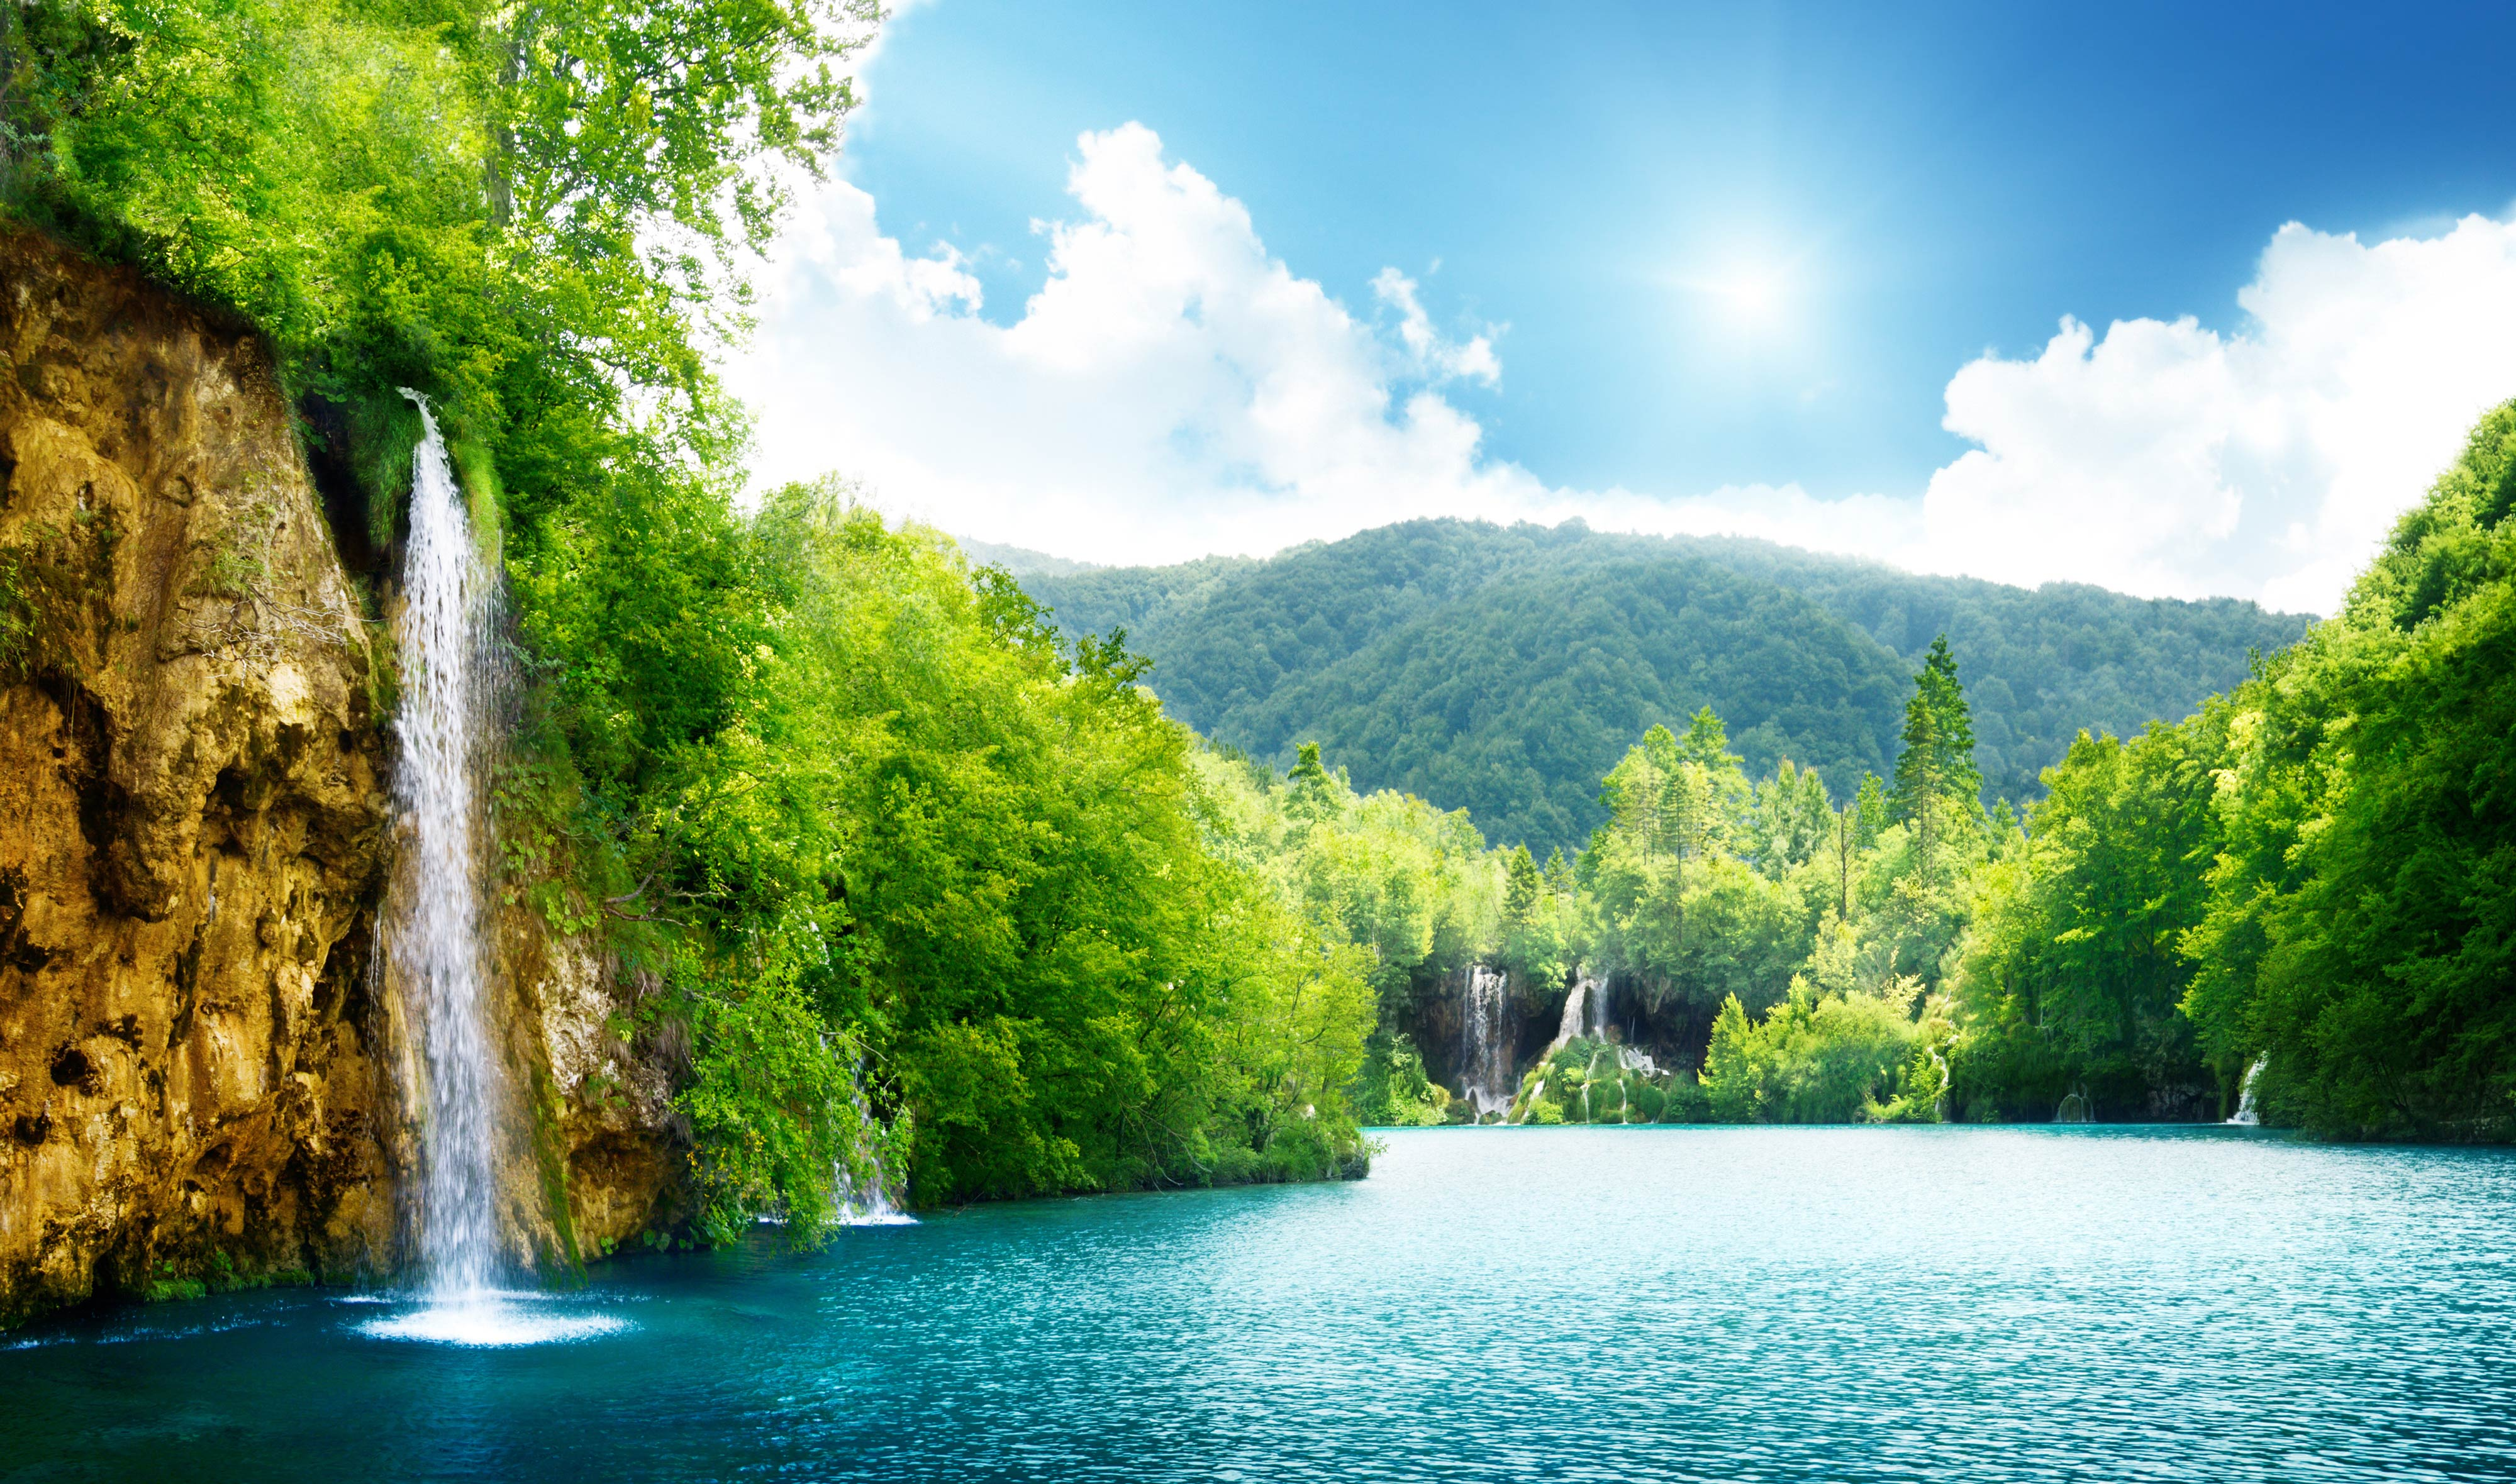 4k Resolution Wallpaper of Landscapes Desktop Backgrounds 4000x2360